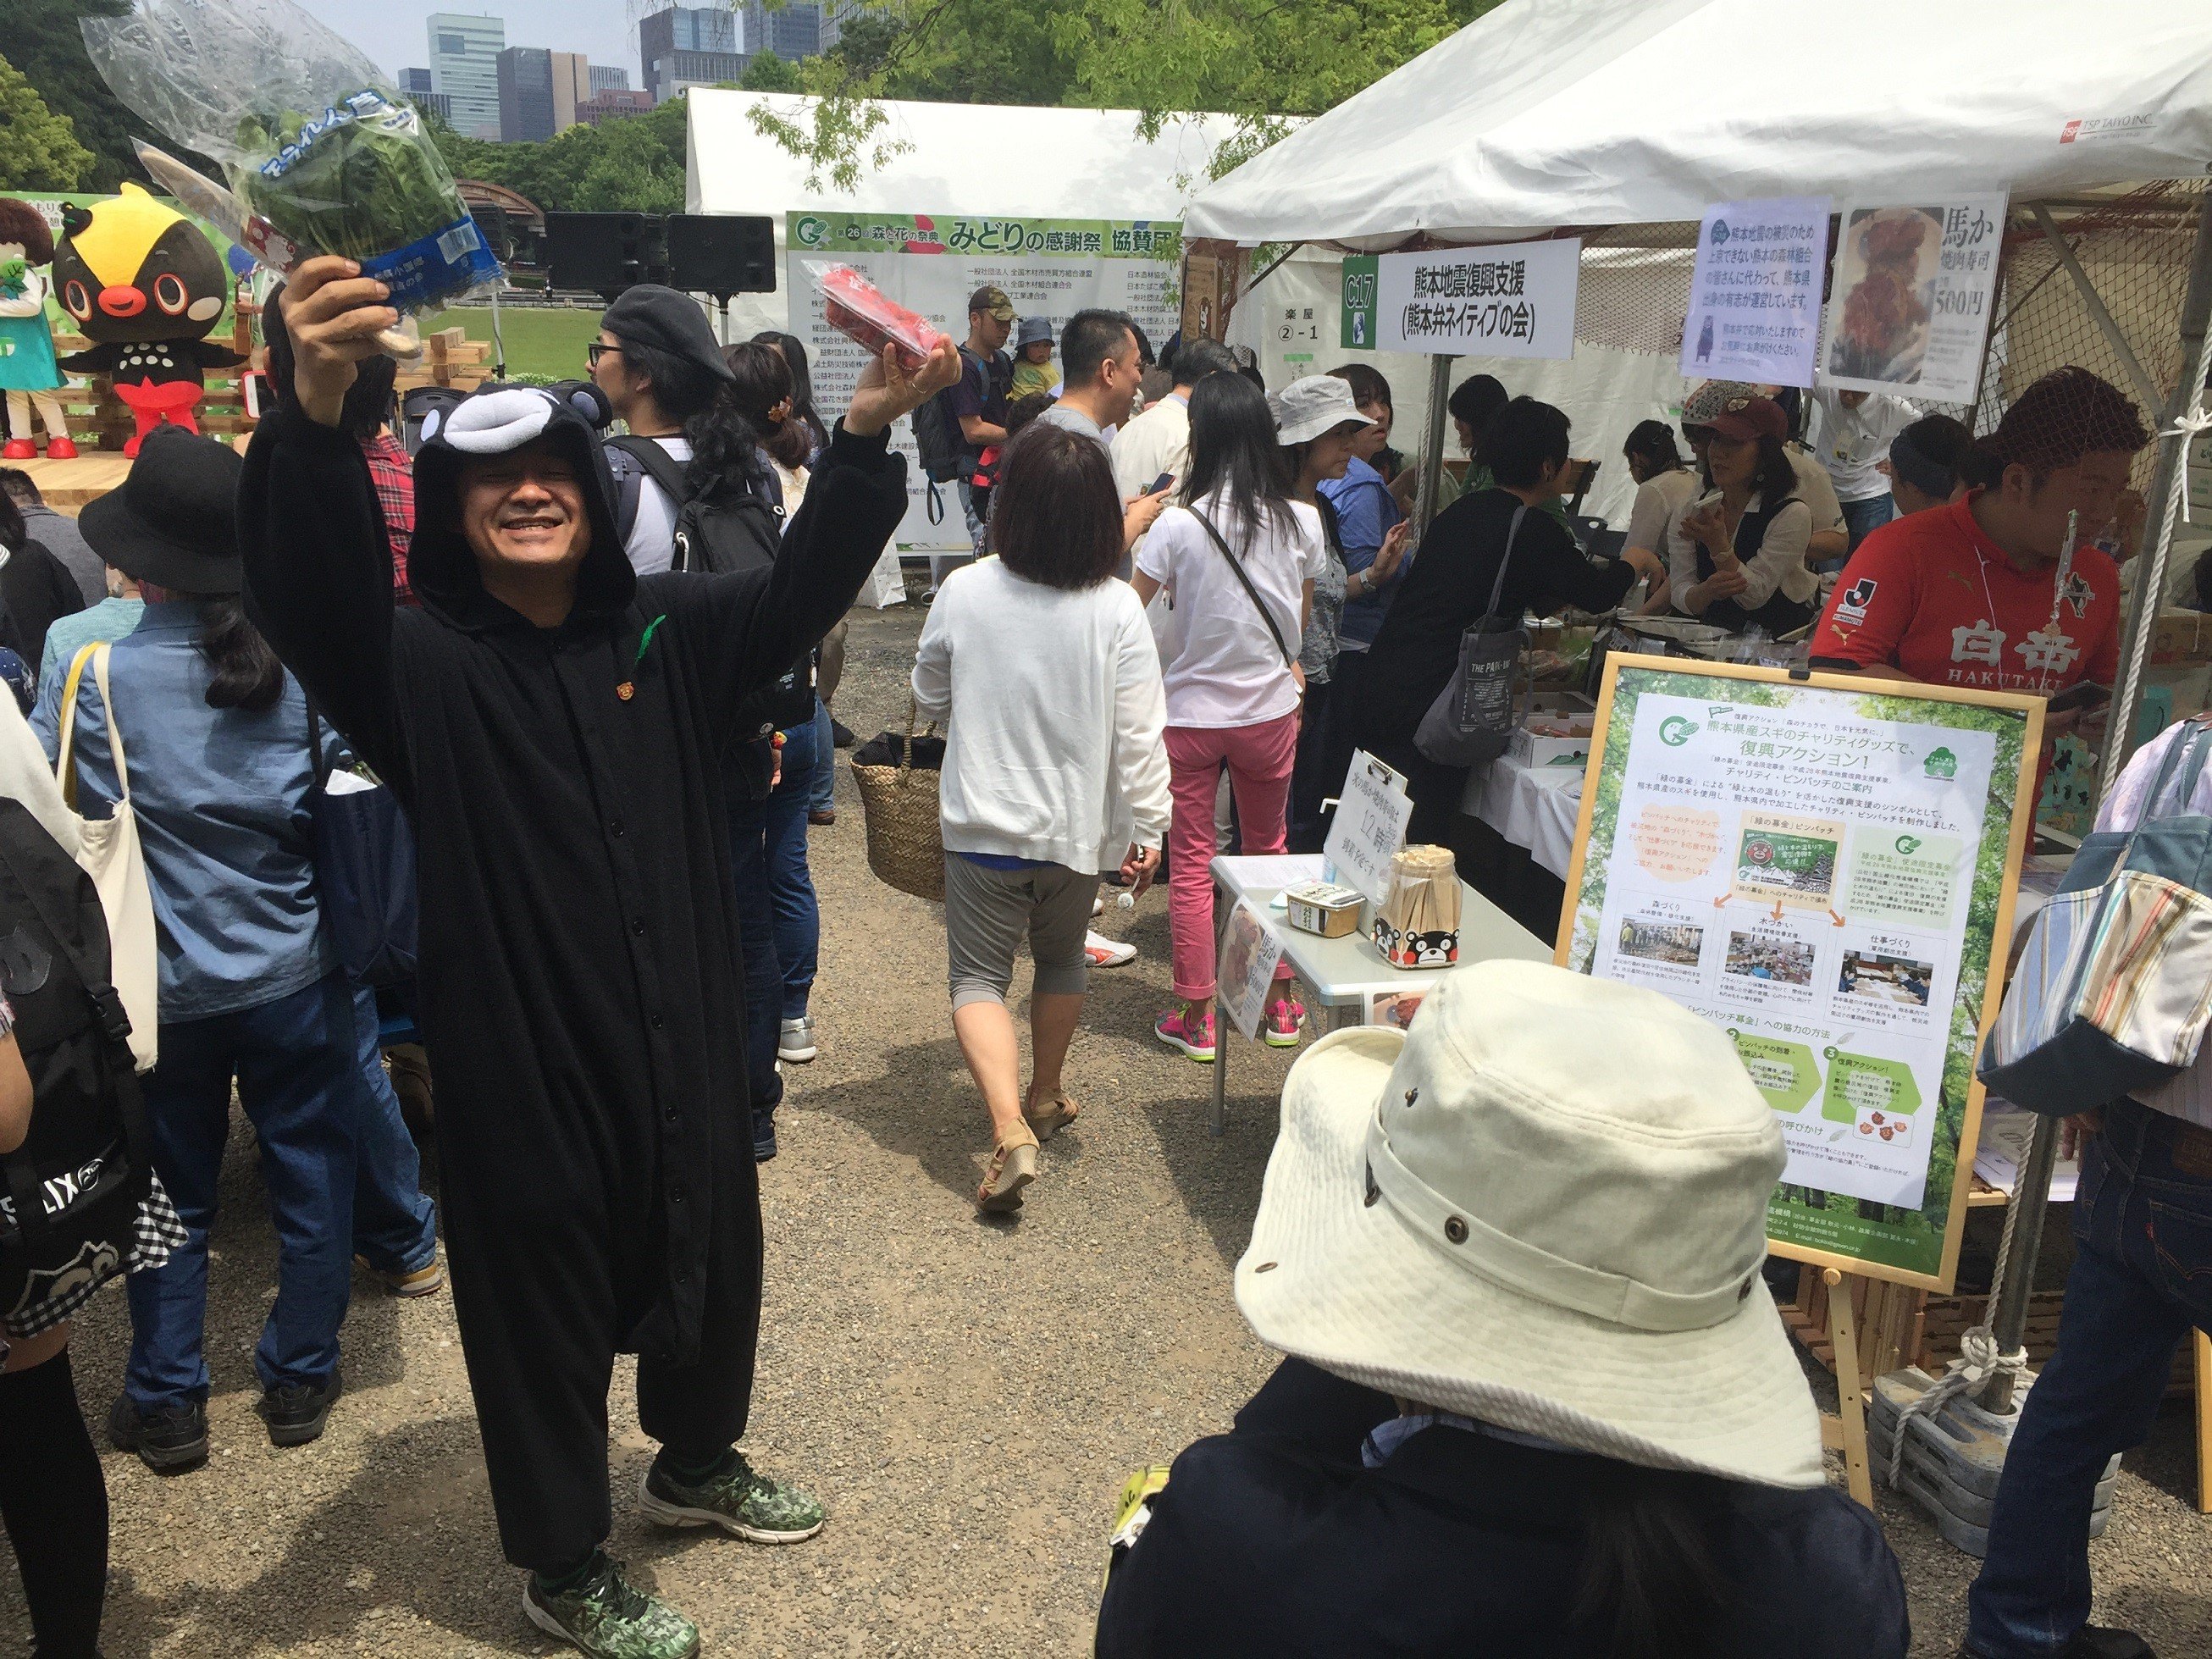 『熊本弁ネイティブの会』が今年も熊本地震復興支援を実施。『みどりとふれあうフェスティバル』に熊本支援ブース出展!被災地の産品(野菜、加工食品、木工品等)を「熊本弁」で接客販売!!